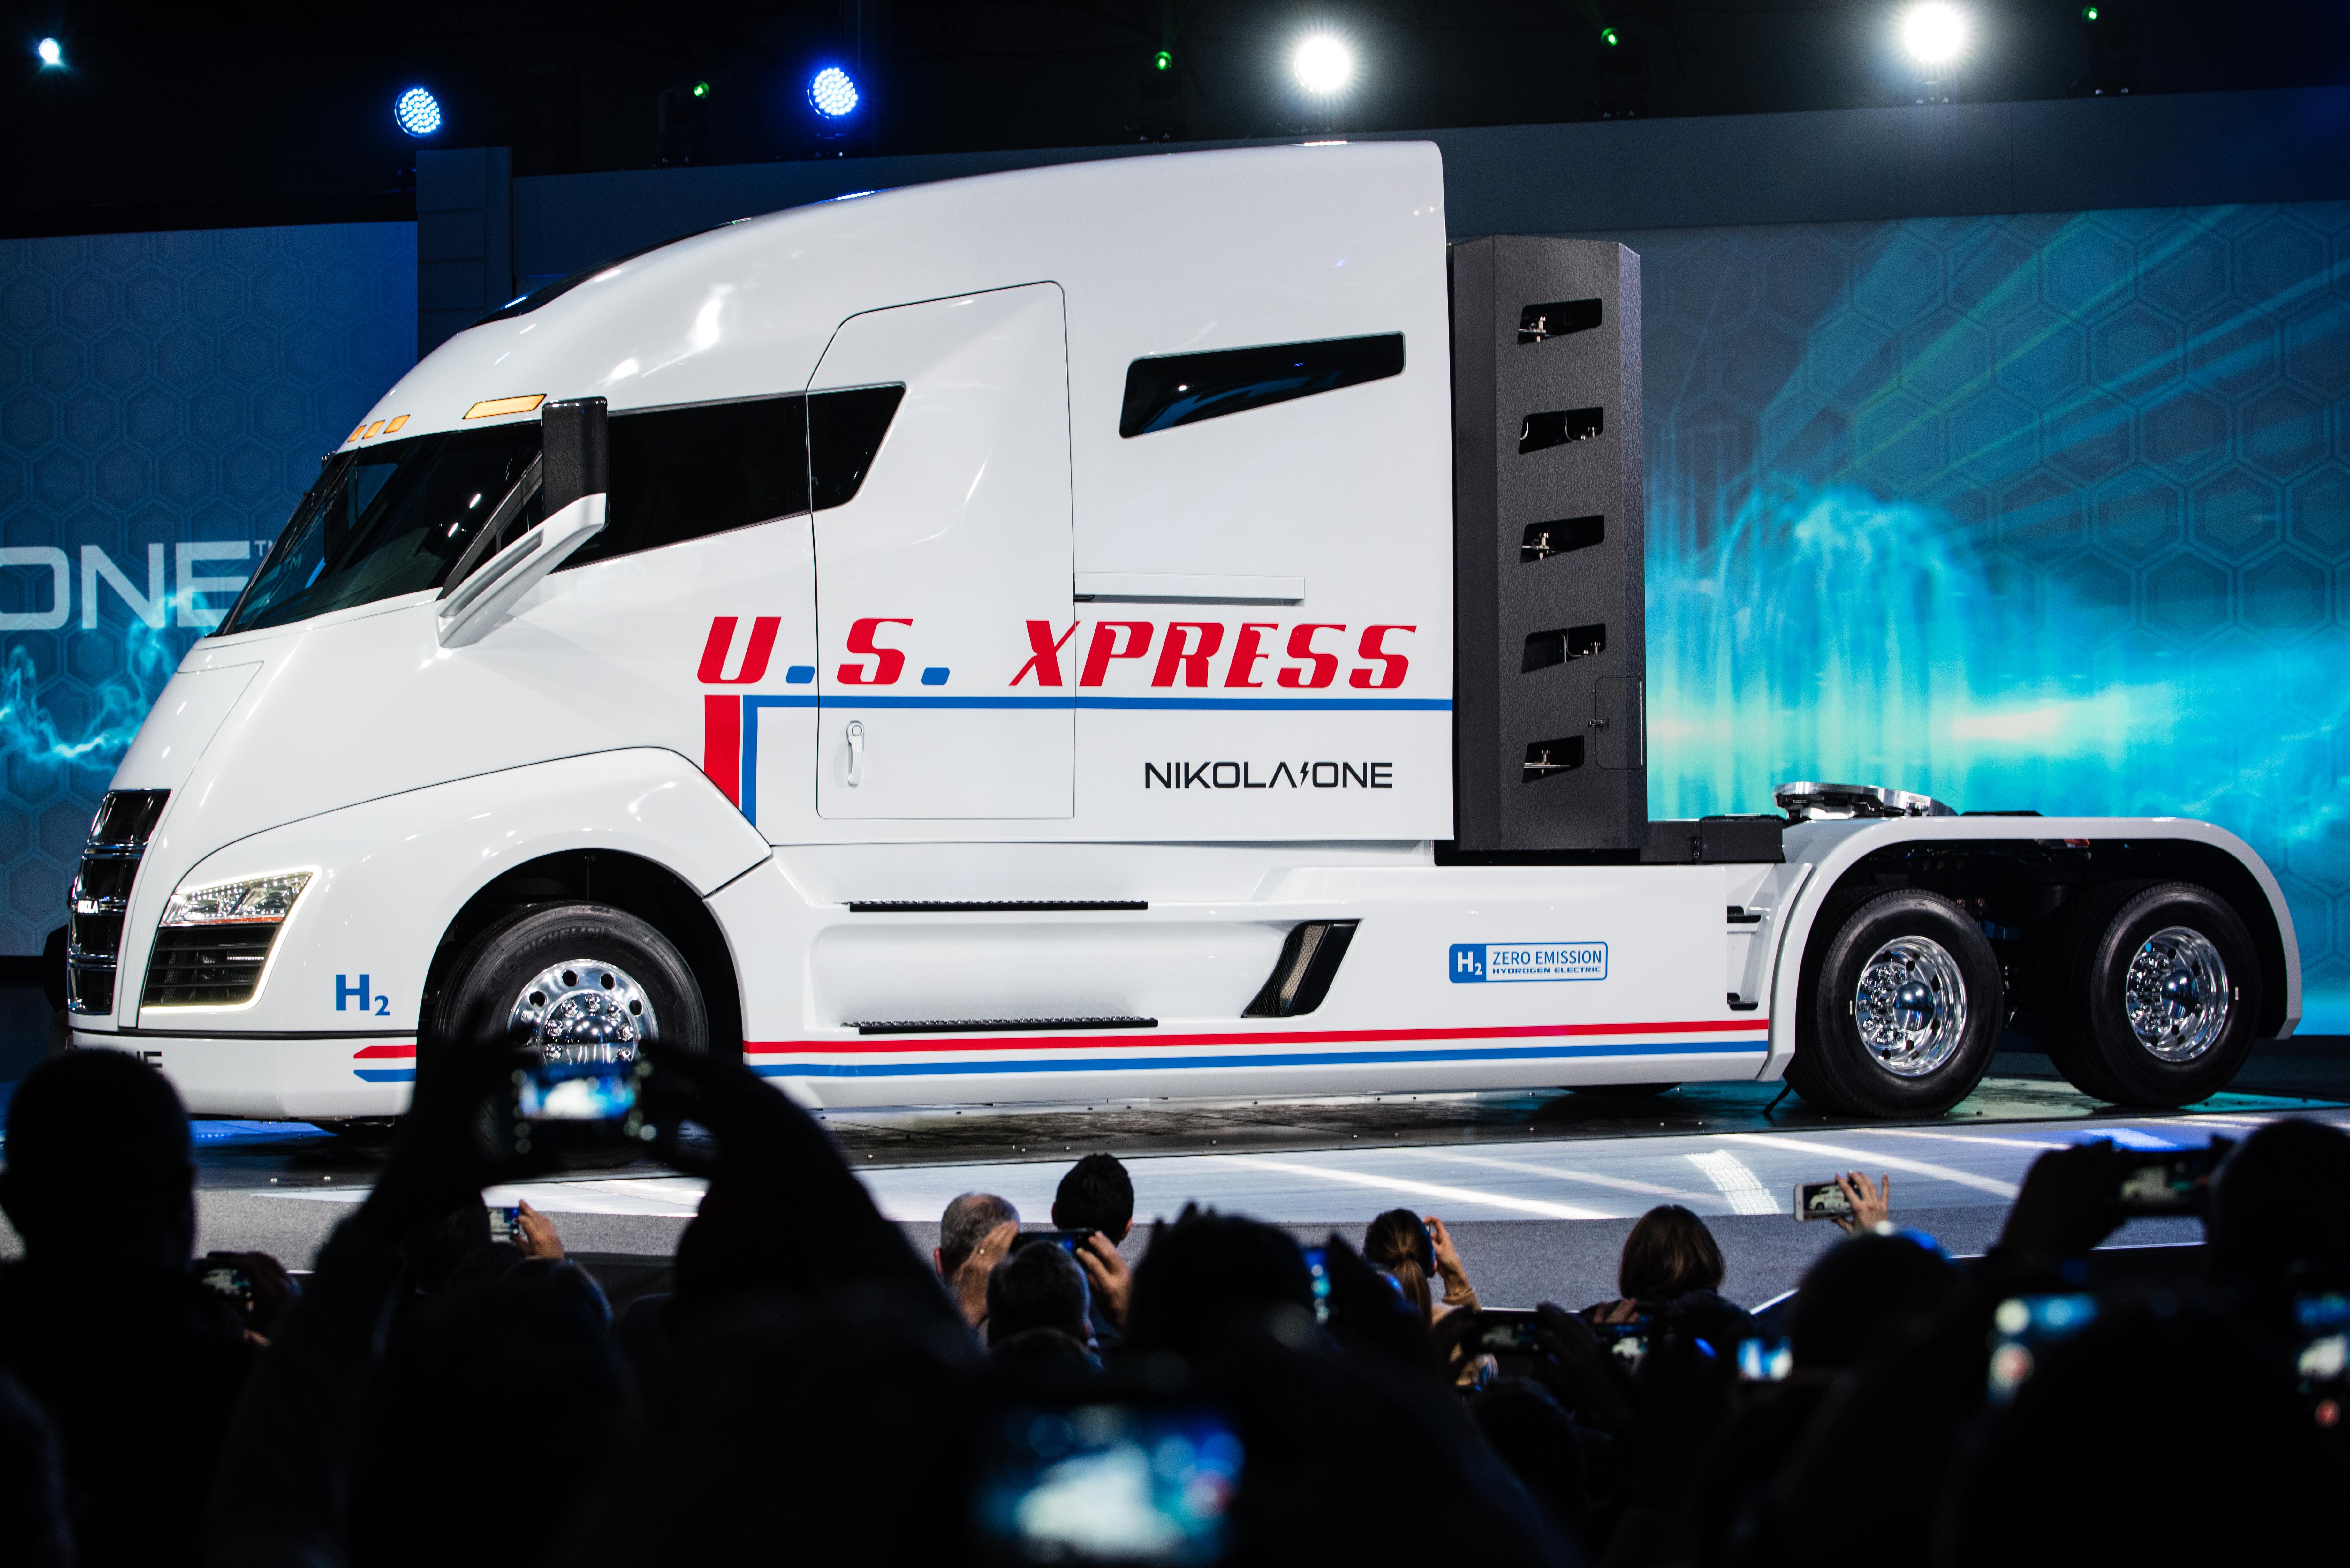 In den USA entwickelt sich der Markt für Wasserstoff-Fahrzeuge rasant. Anfang Mai erhielt die Nikola Motor Company, der 2014 gegründete Hersteller von Elektrofahrzeugen, einen Auftrag von Anheuser-Busch über 700 Millionen US-Dollar zur Lieferung von 800-Wasserstoff-Trucks. Dafür und für zahlreiche weitere neue Wasserstoff-Fahrzeuge erhielt das norwegische Unternehmen NEL ASA jetzt einen Auftrag zur Lieferung von 448 Elektrolyseuren und zugehöriger Tankausrüstung.@Nikola